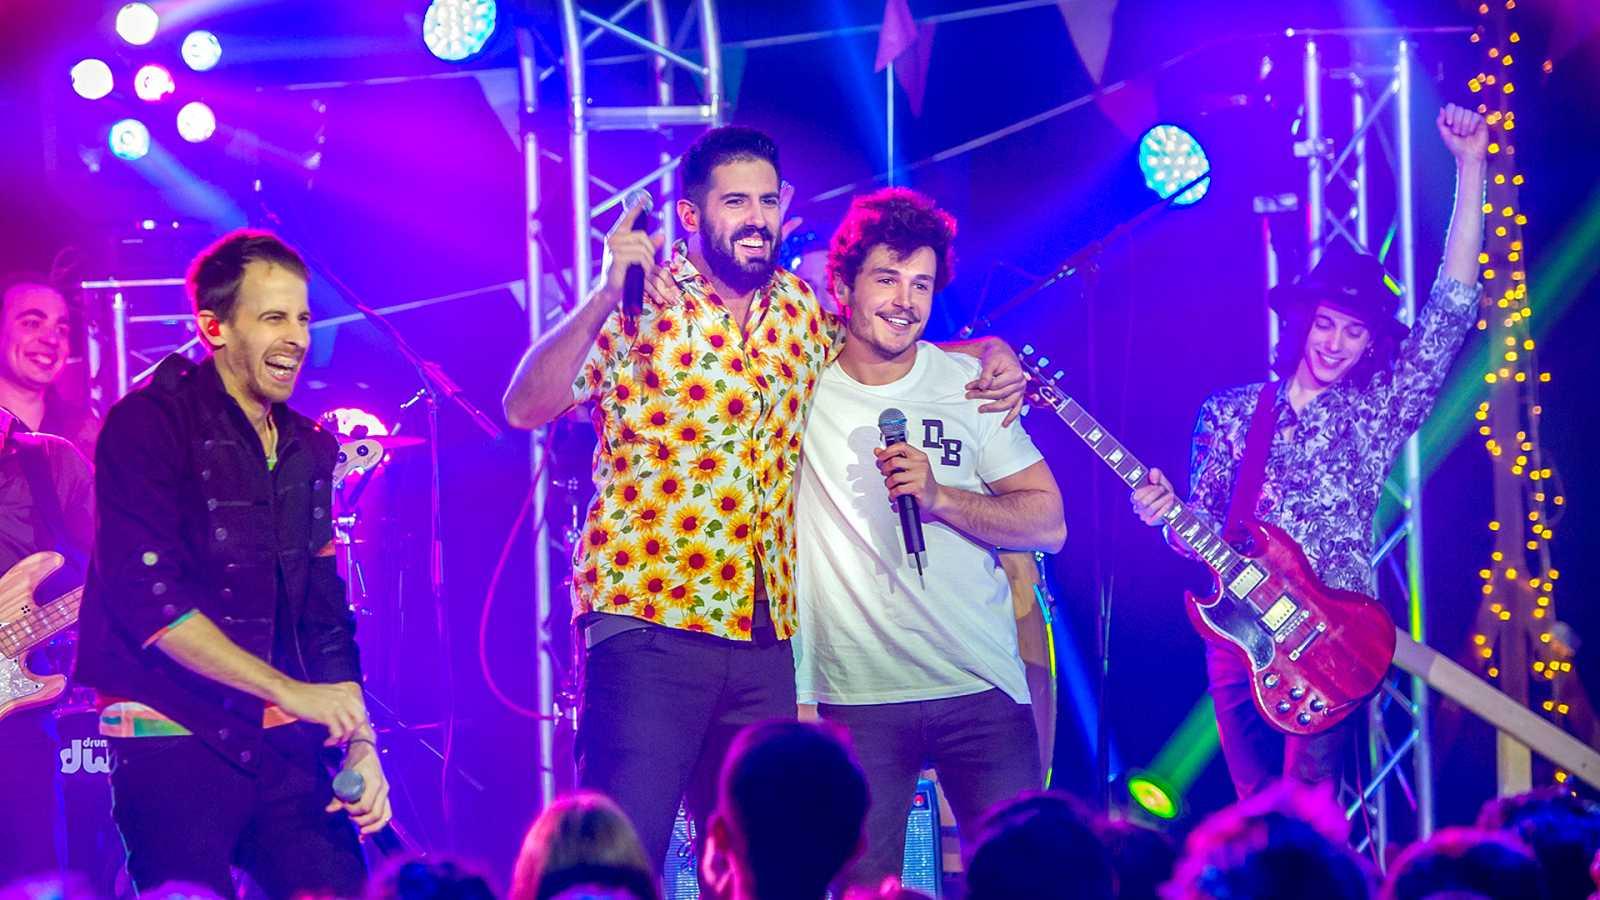 Eurovisión 2019 - Concierto especial 'Miki y amigos'